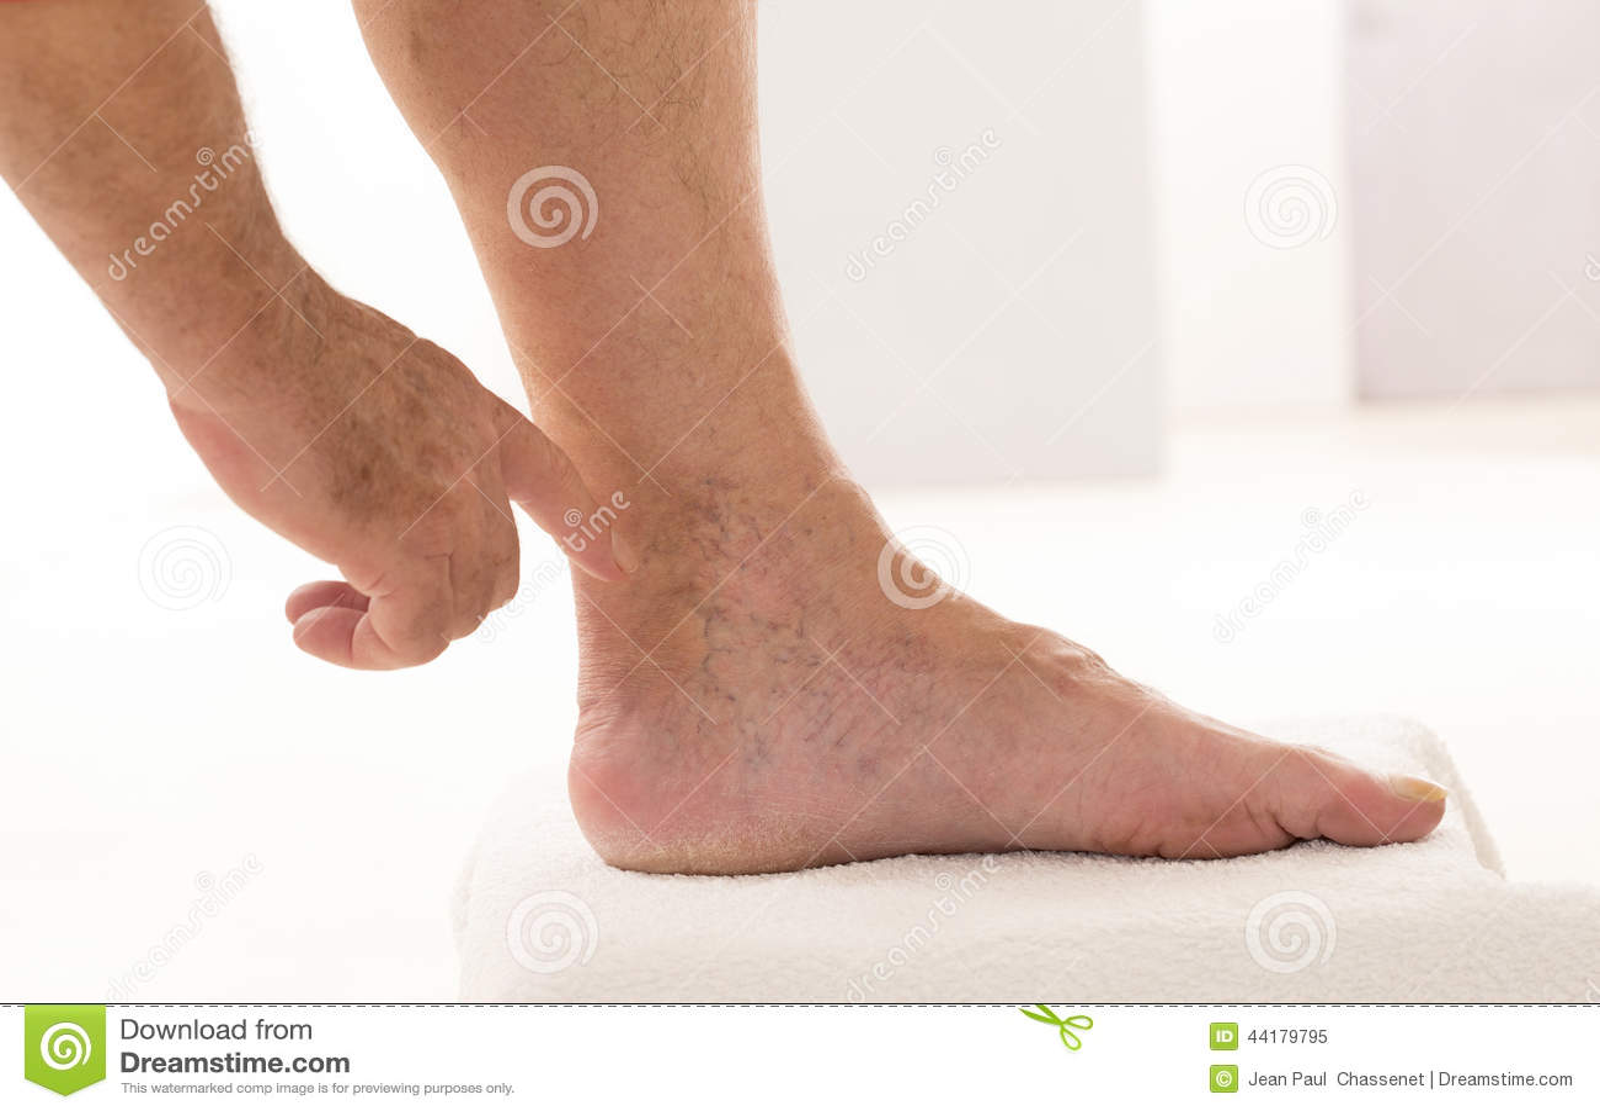 spataderen voet